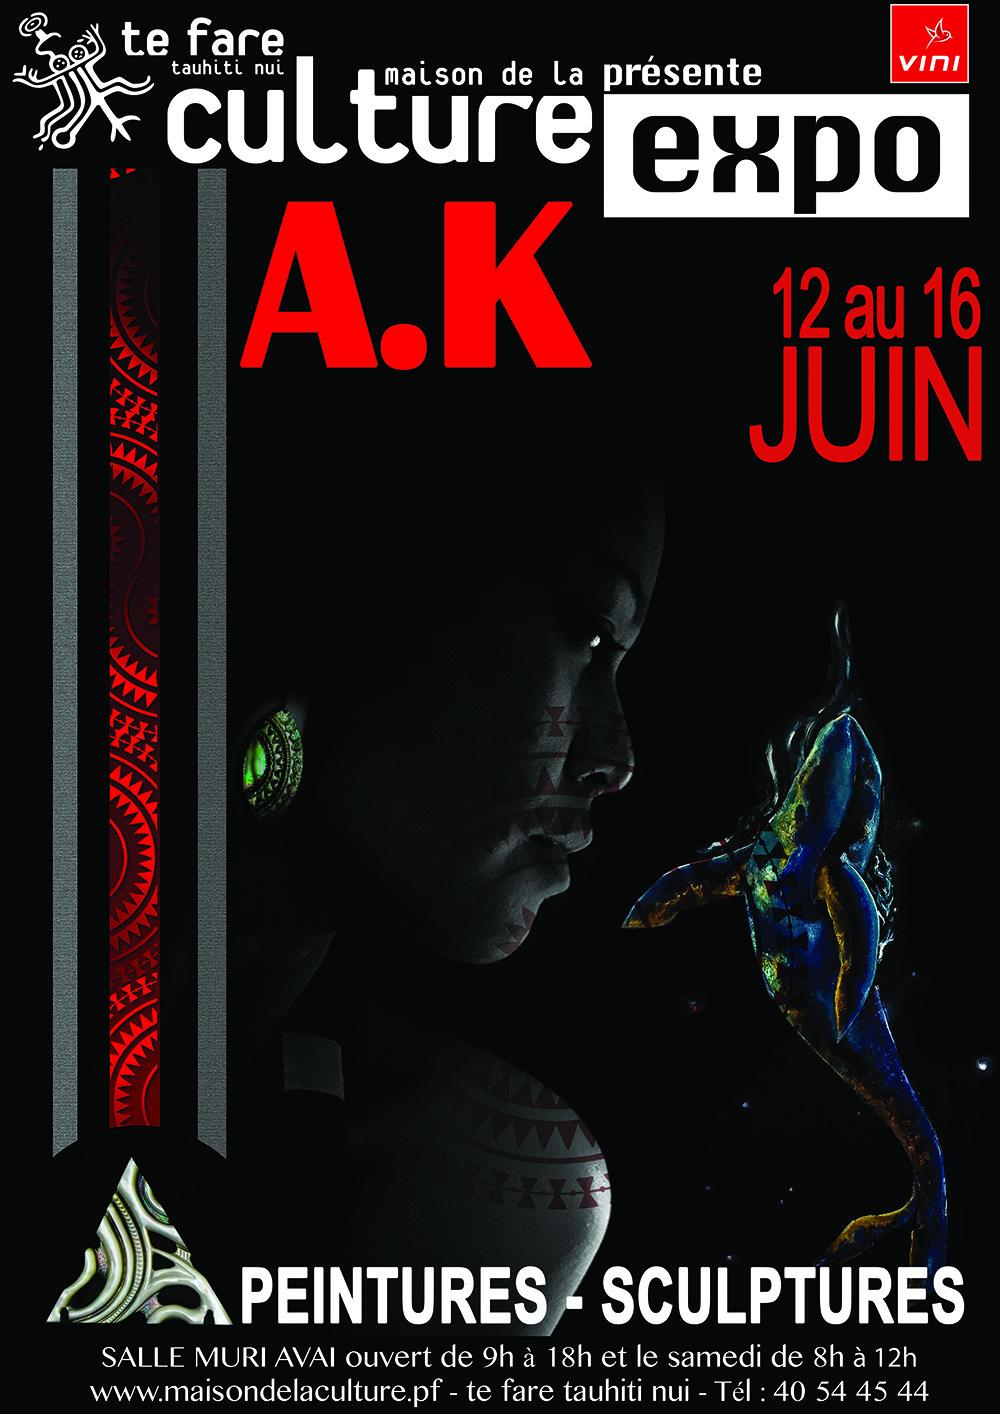 Exposition d'art AK